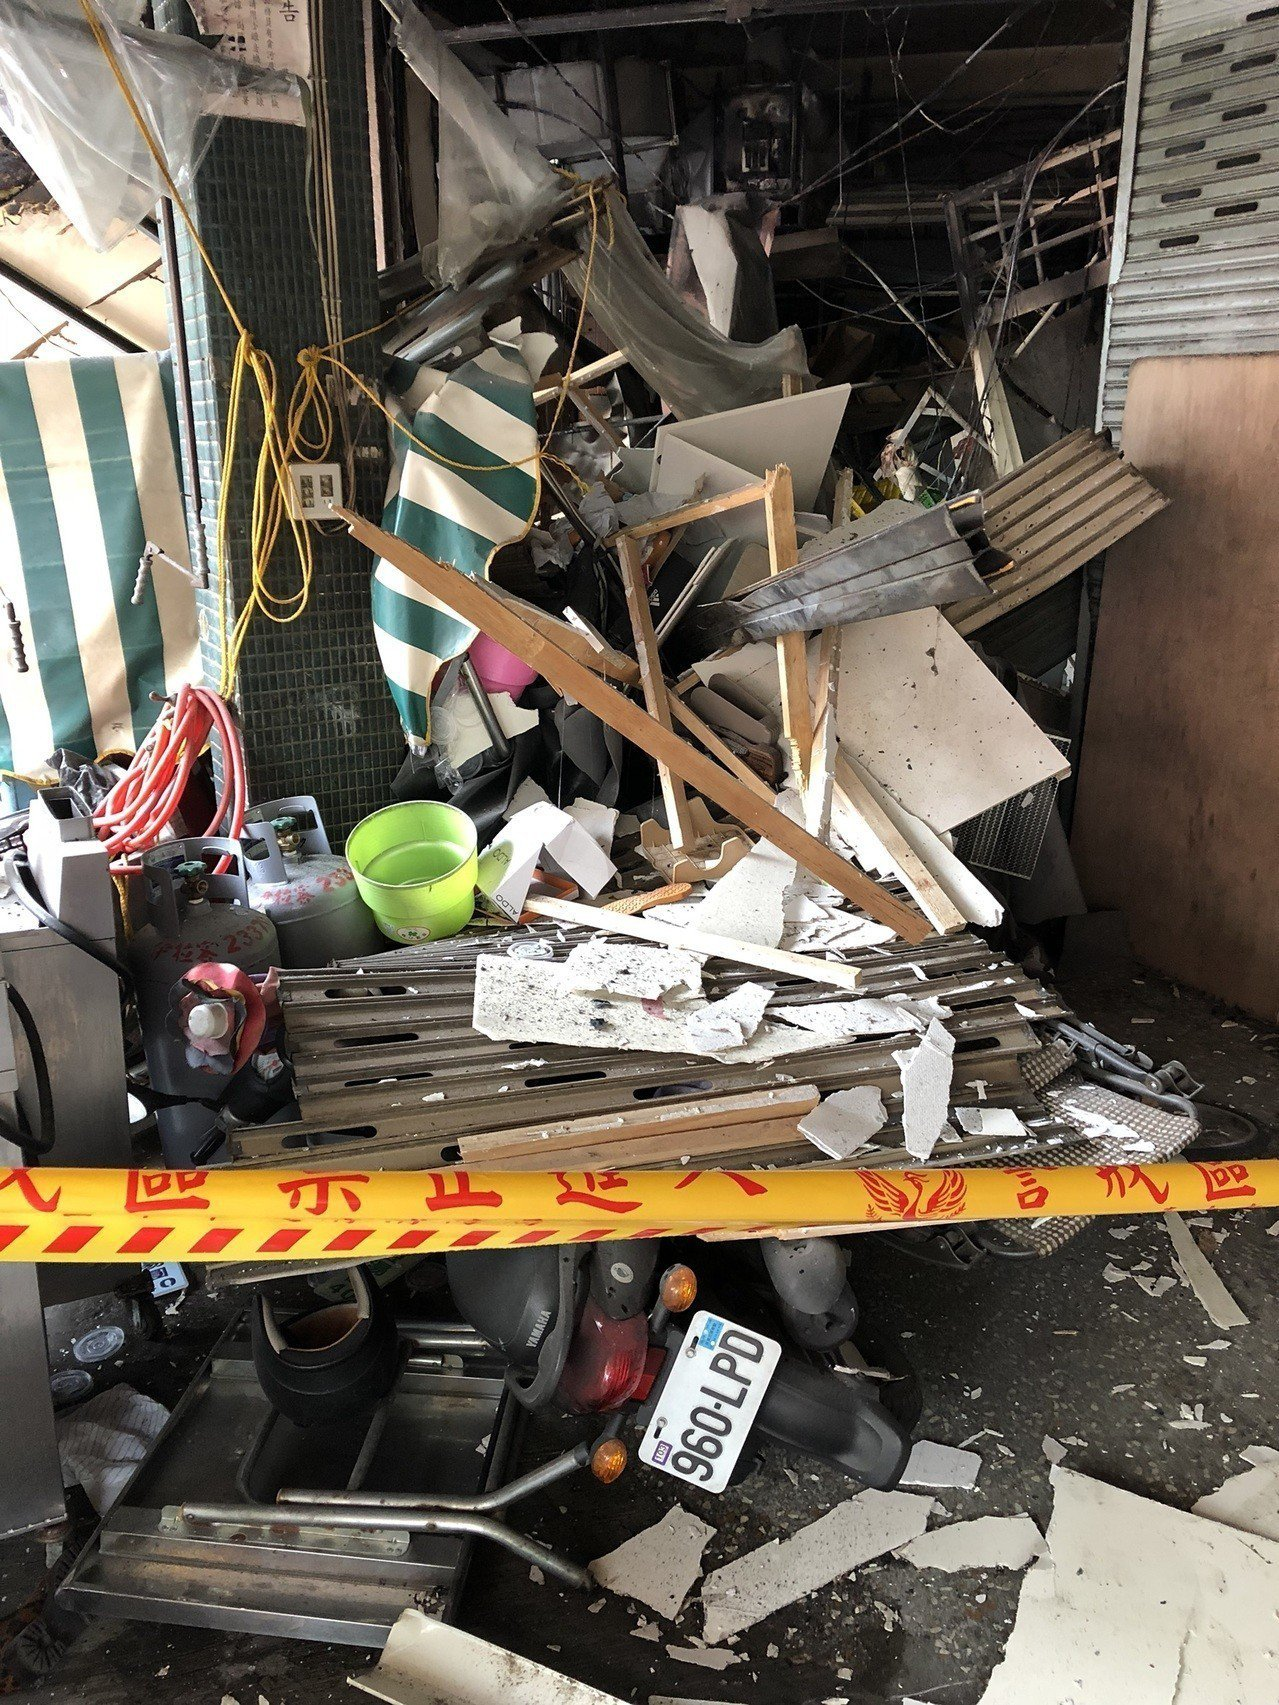 台中市東區建新街食品加工行今天清晨氣爆,現場滿目瘡痍。記者陳宏睿/攝影